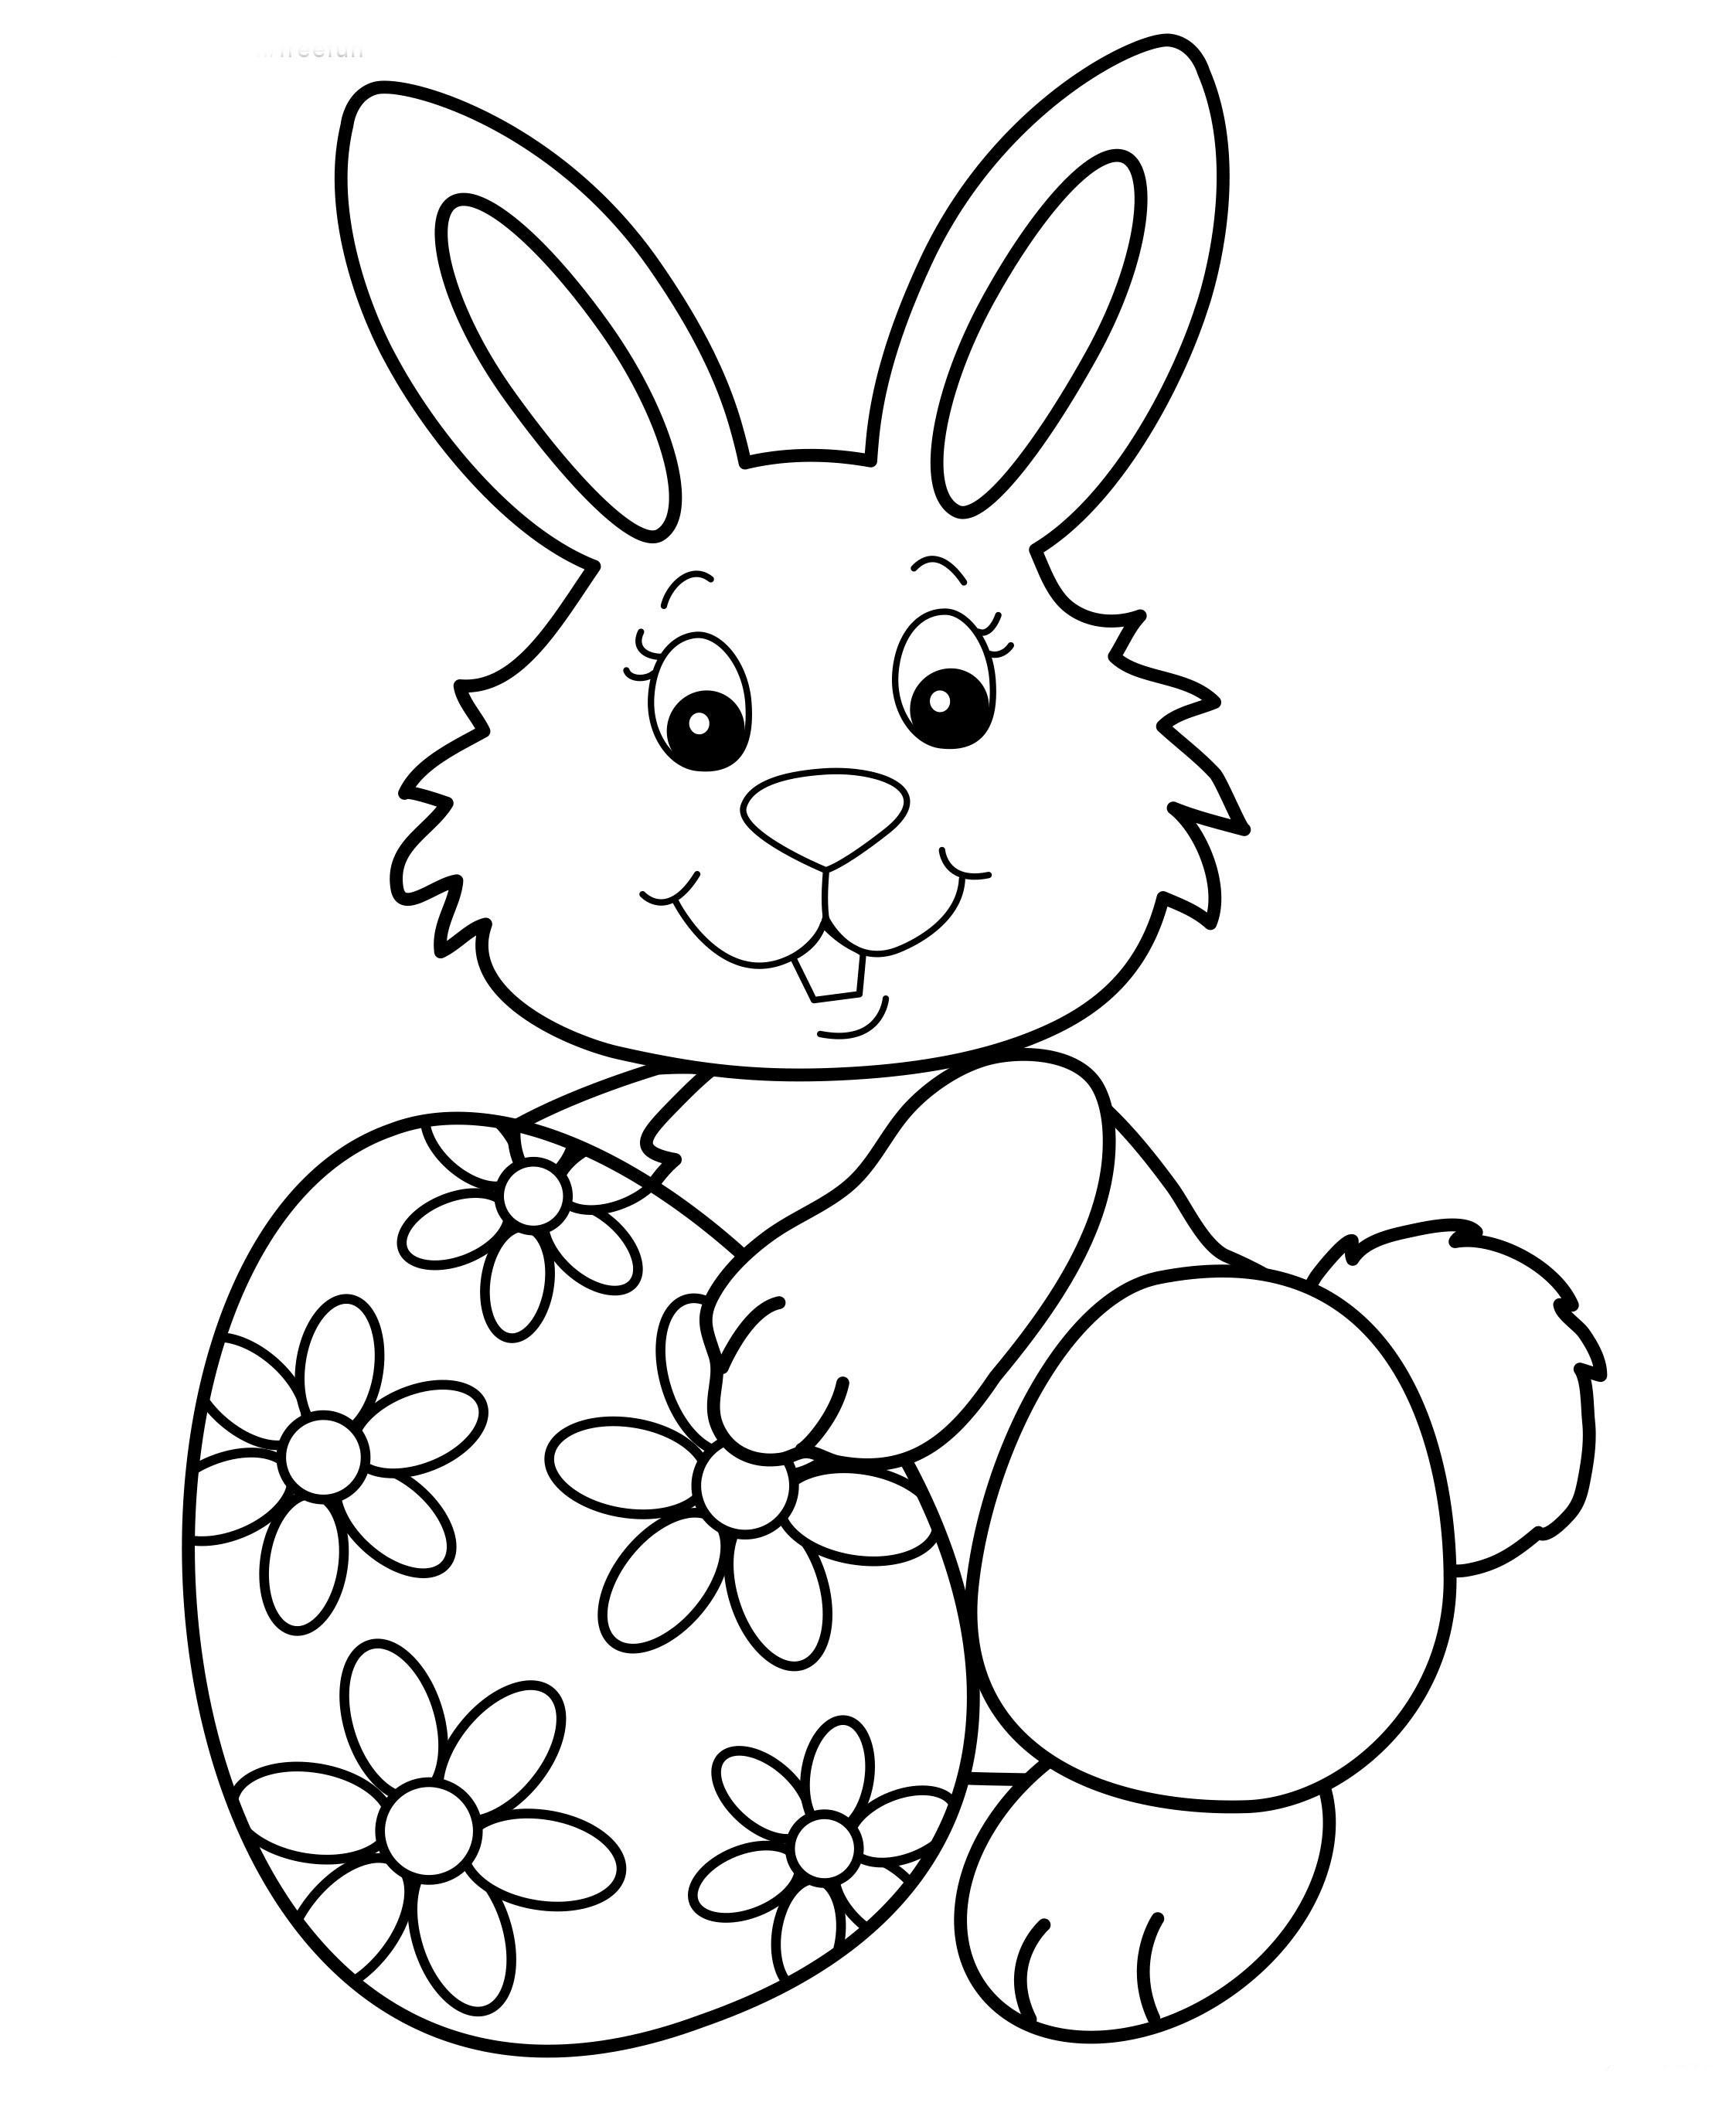 Ausmalbilder Bugs Bunny Genial Malvorlagen Bugs Bunny Inspirierend Frisch Hasen Art Von Malvorlagen Das Bild